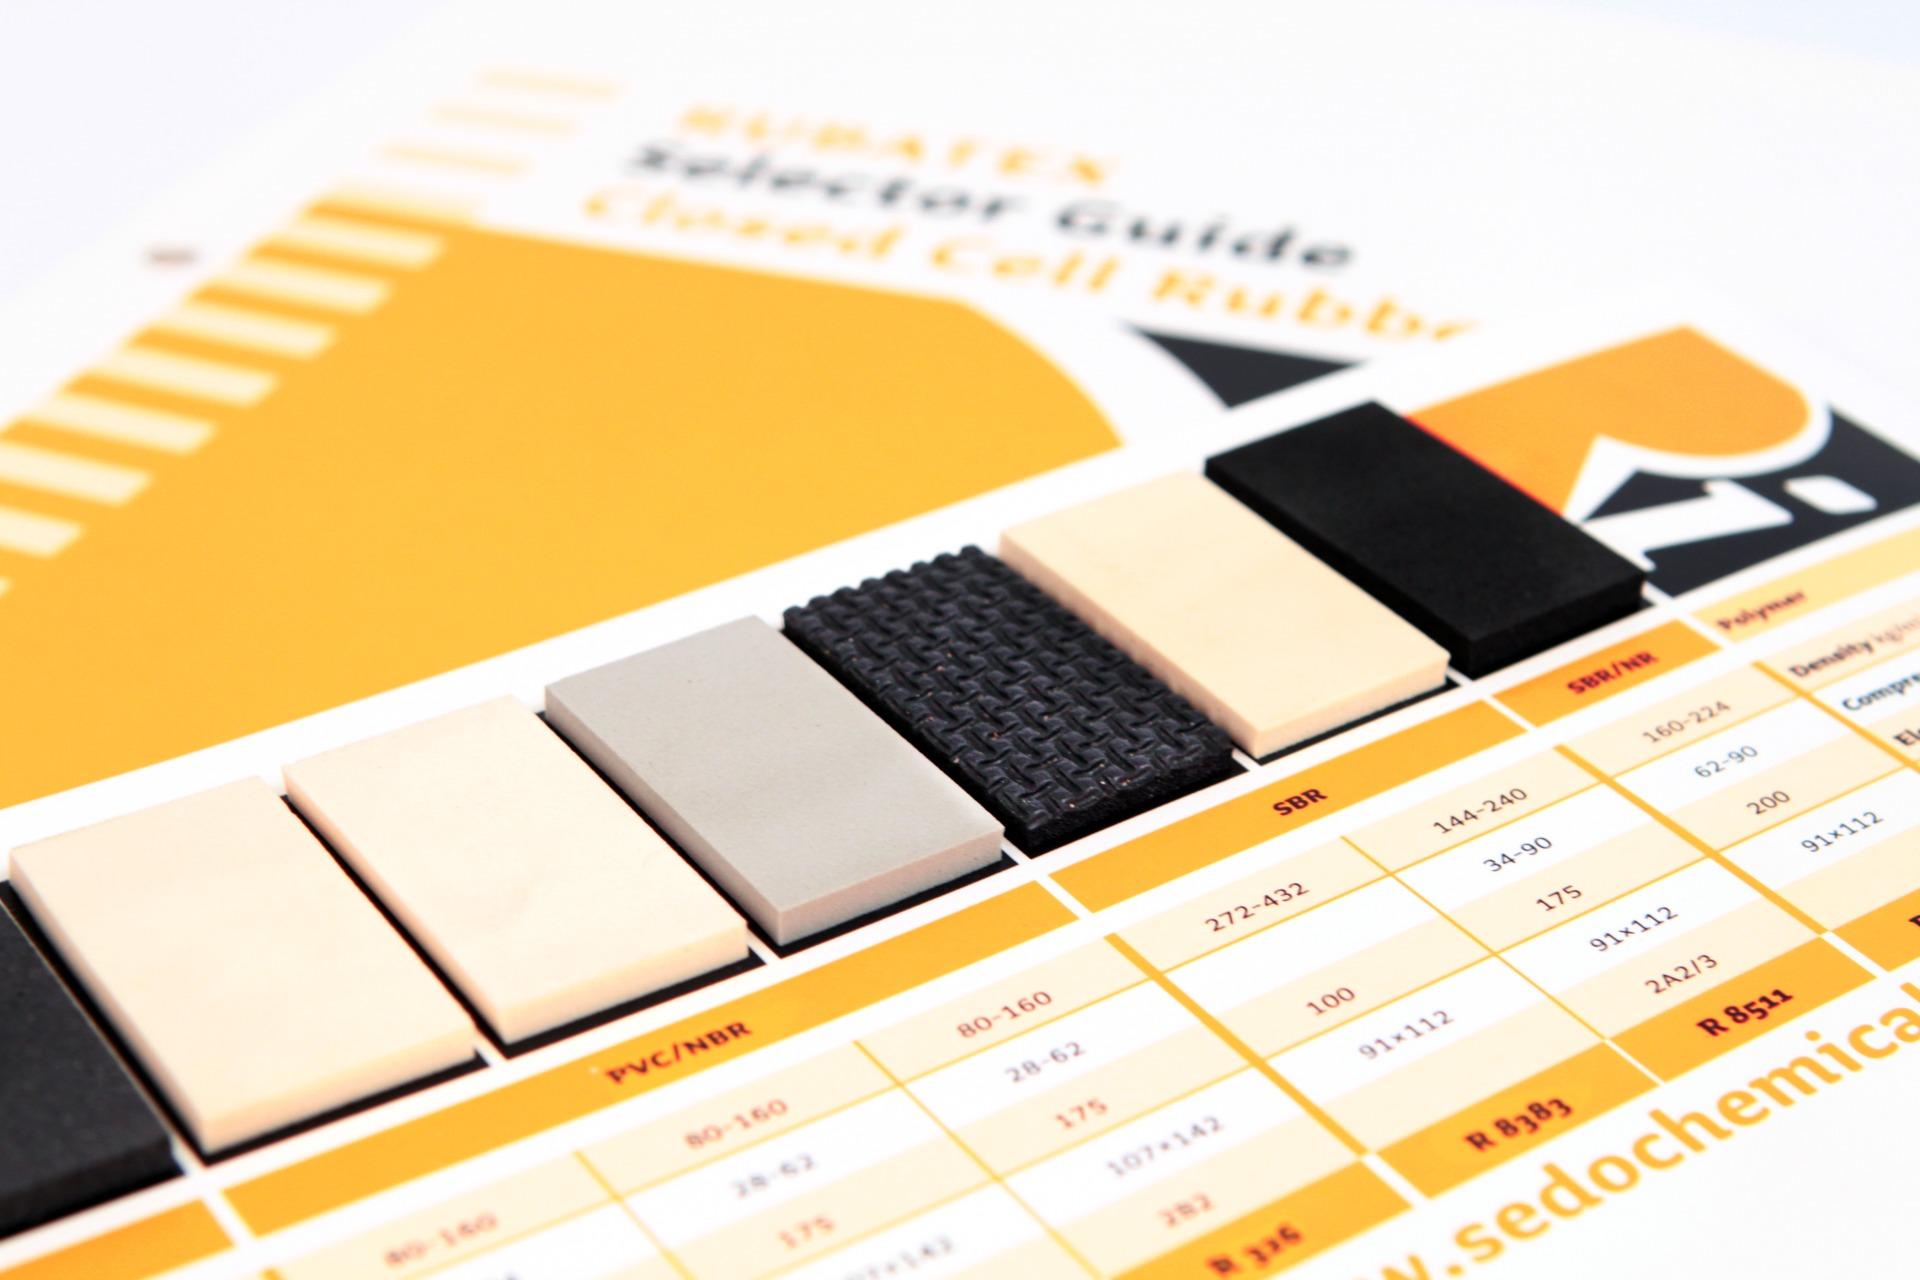 Musterkarten und Imageflyer - Typoly